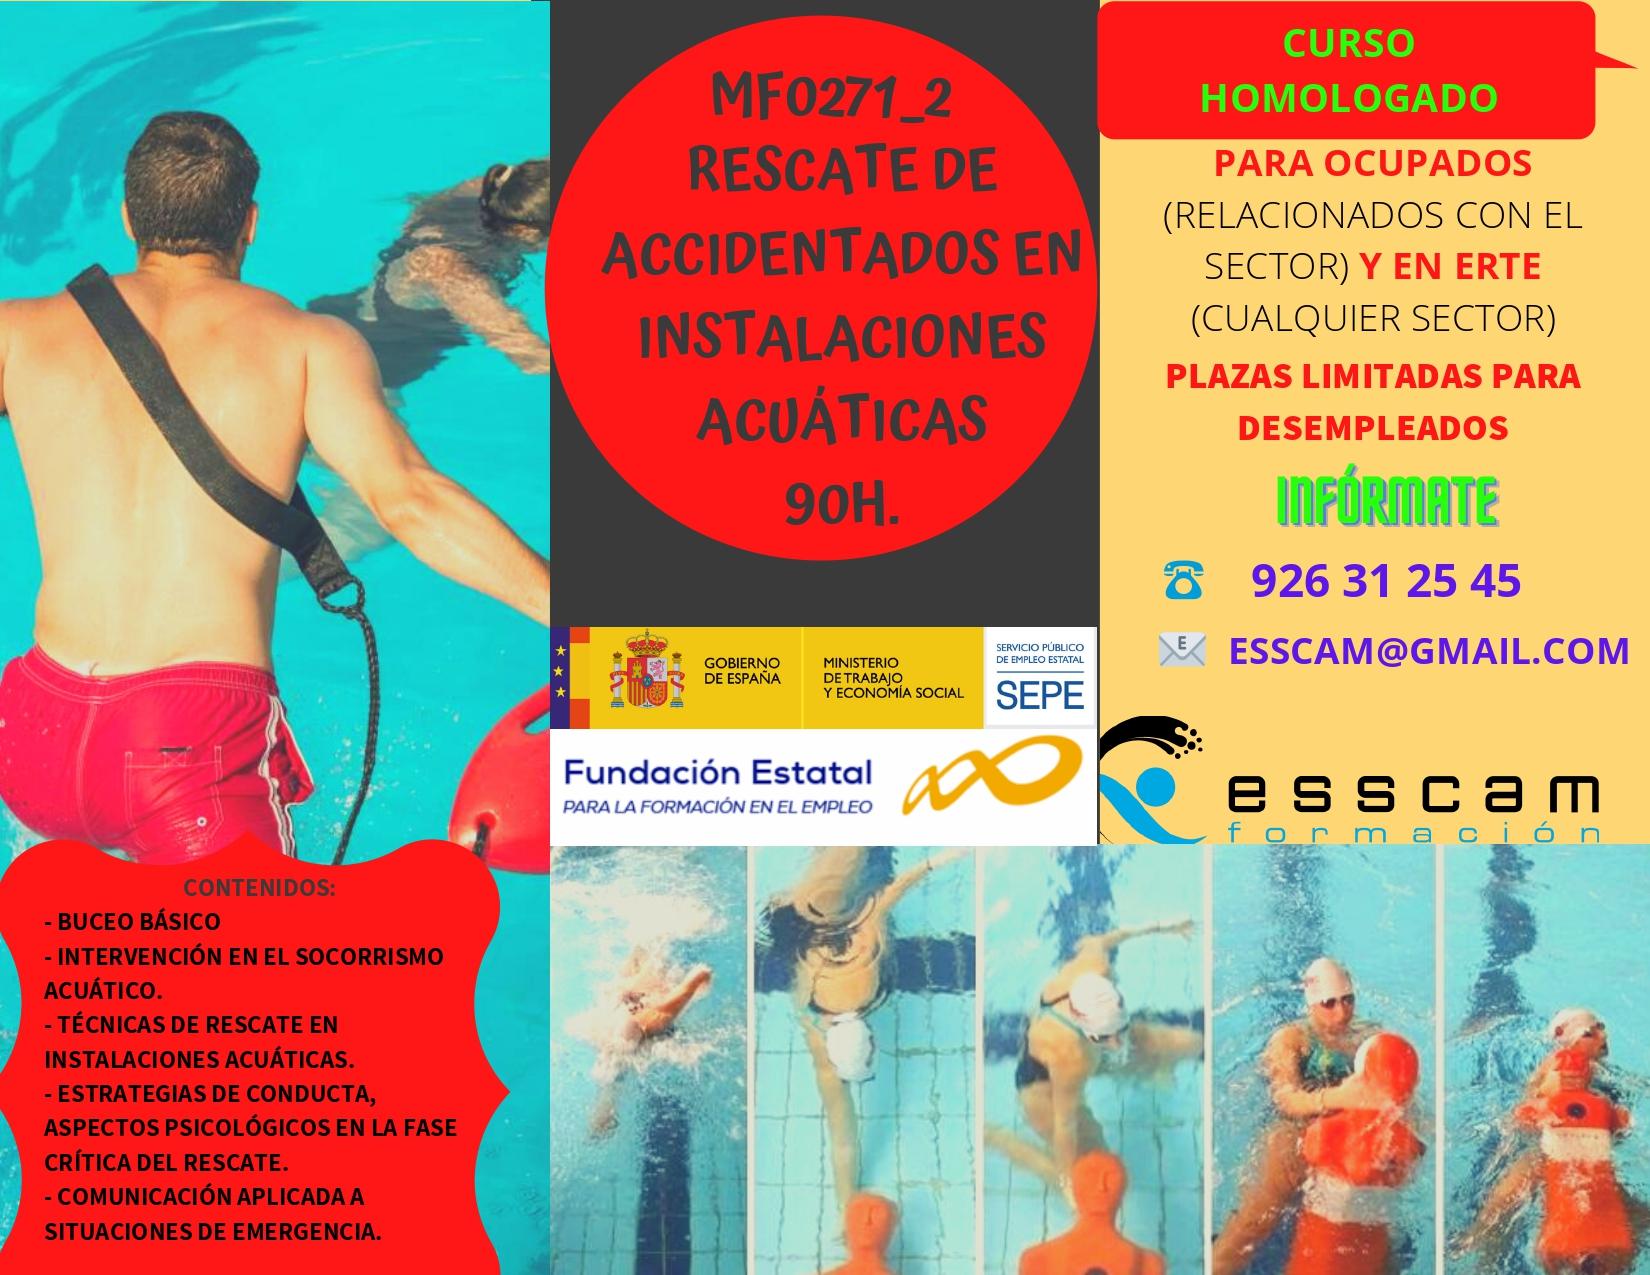 MF0271_2 - Rescate de accidentados en instalaciones acuáticas